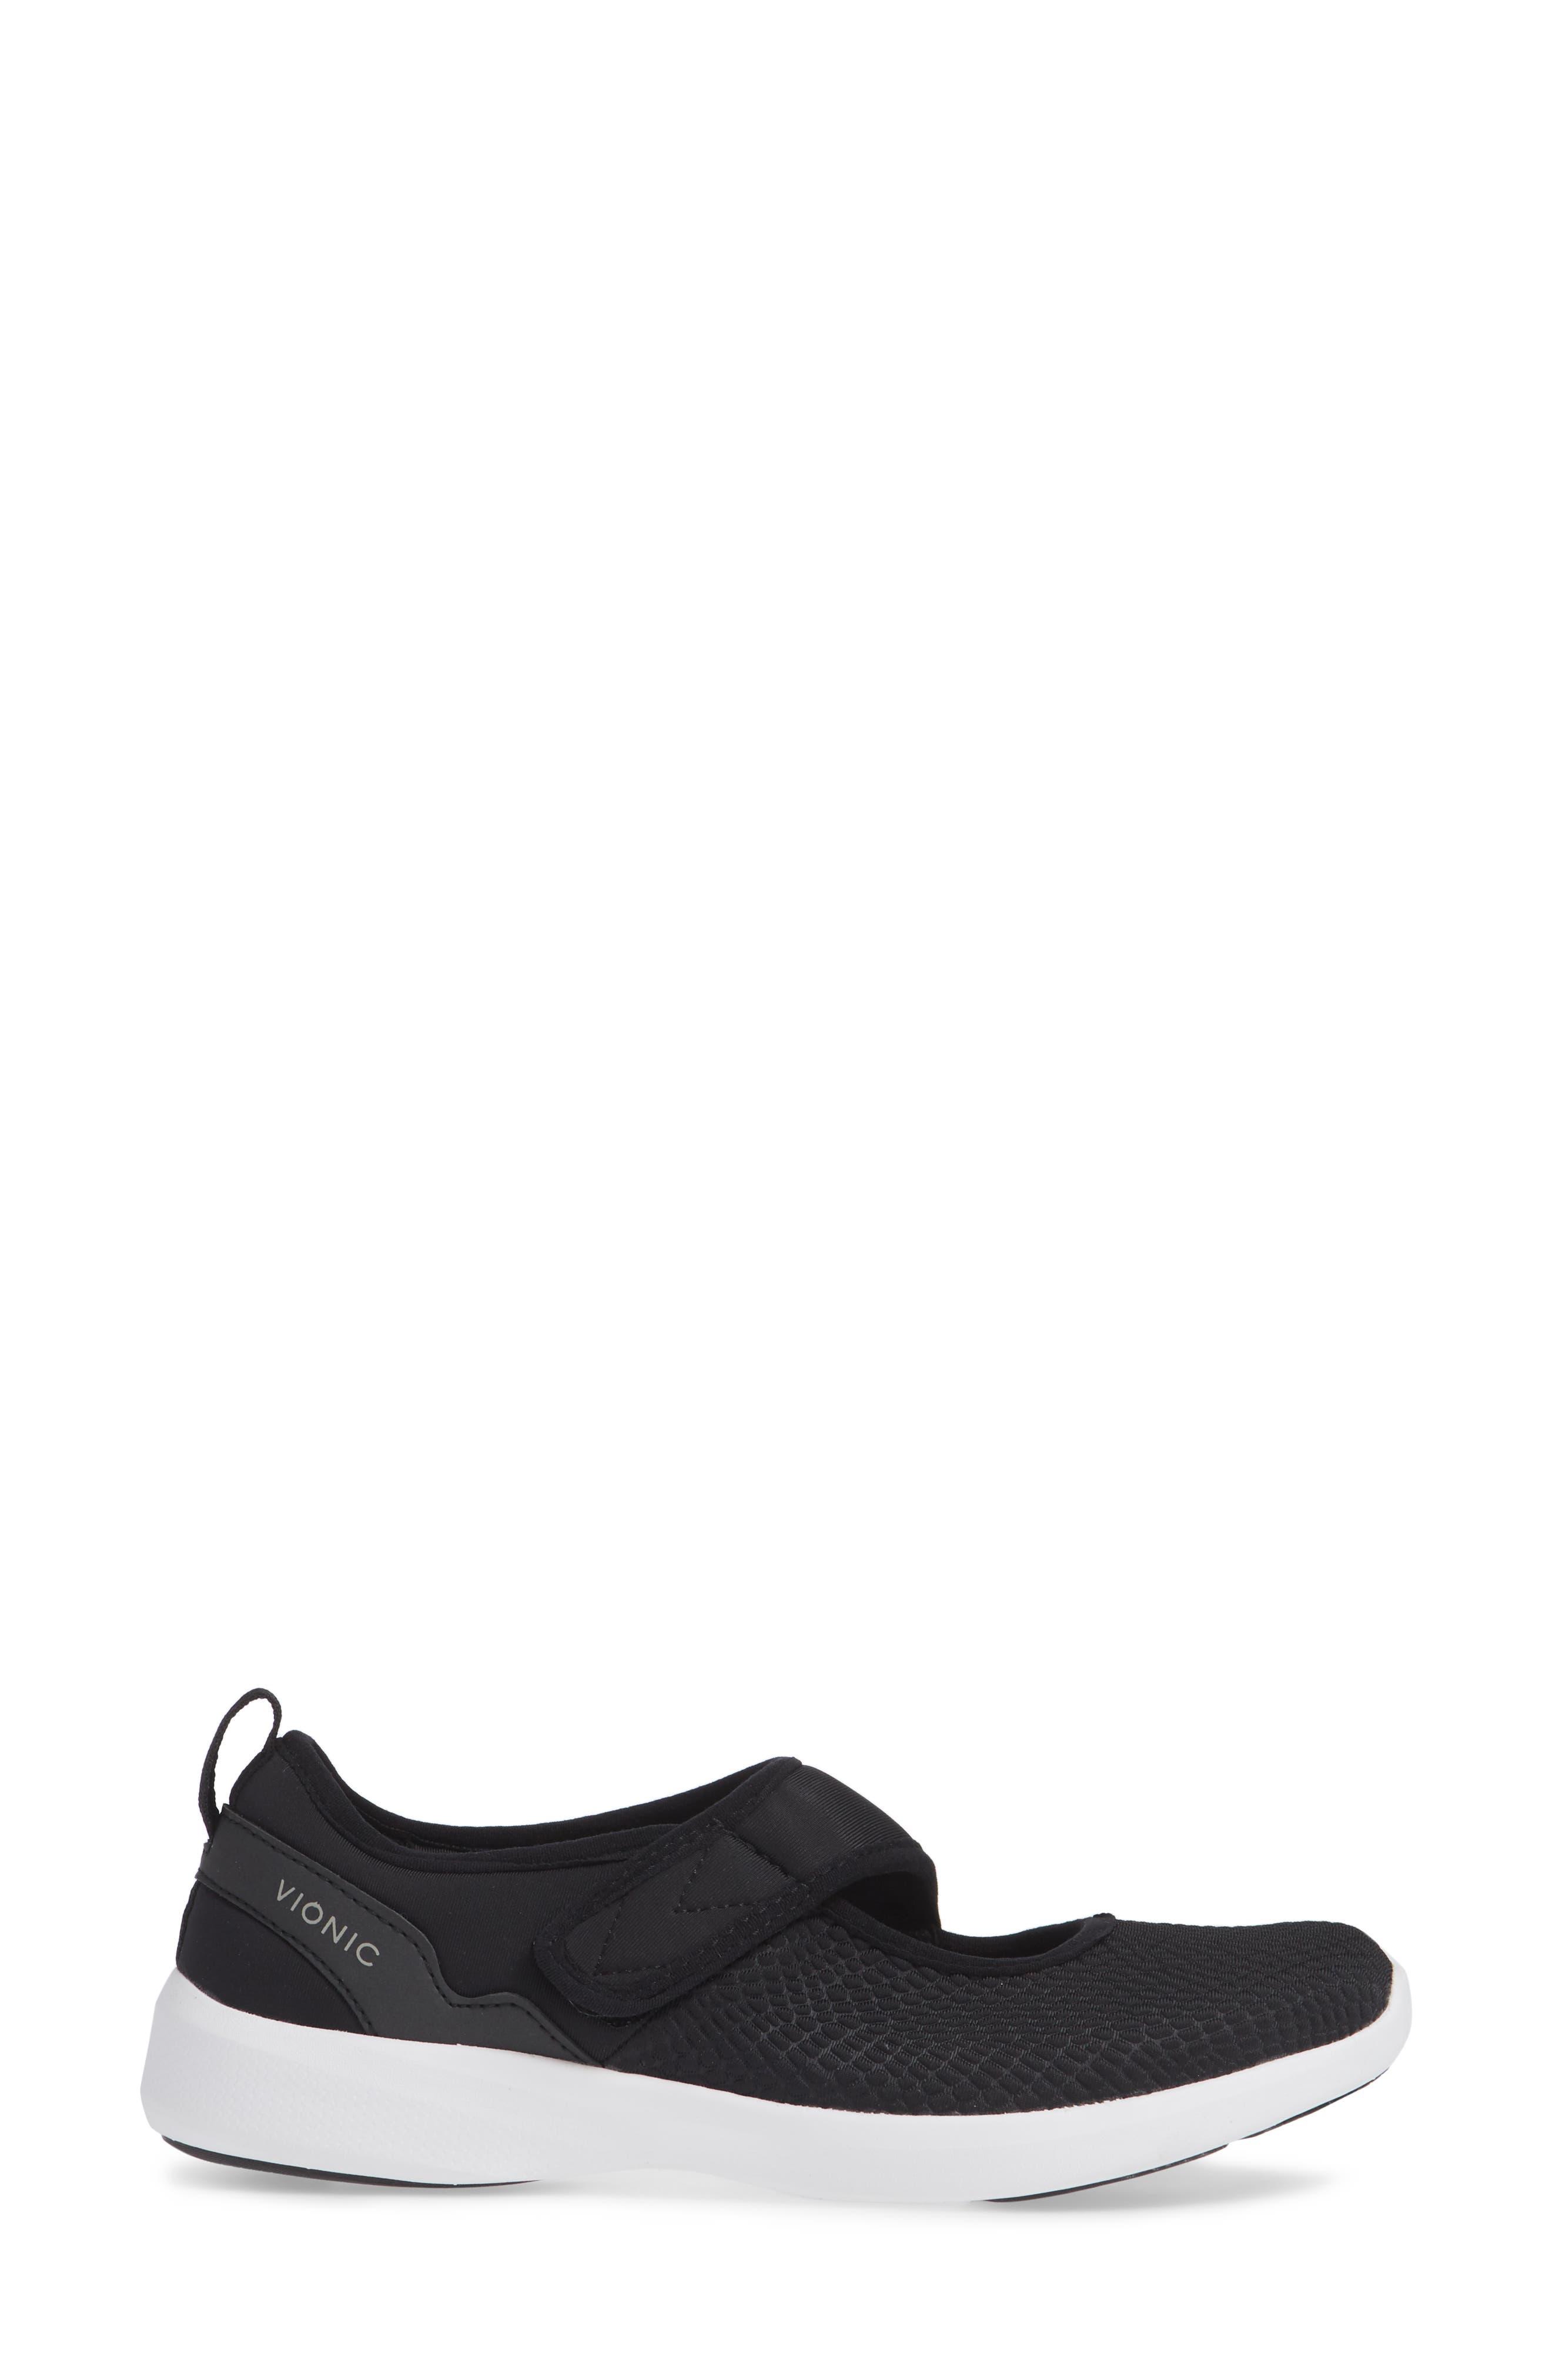 Sonnet Sneaker,                             Alternate thumbnail 3, color,                             BLACK FABRIC